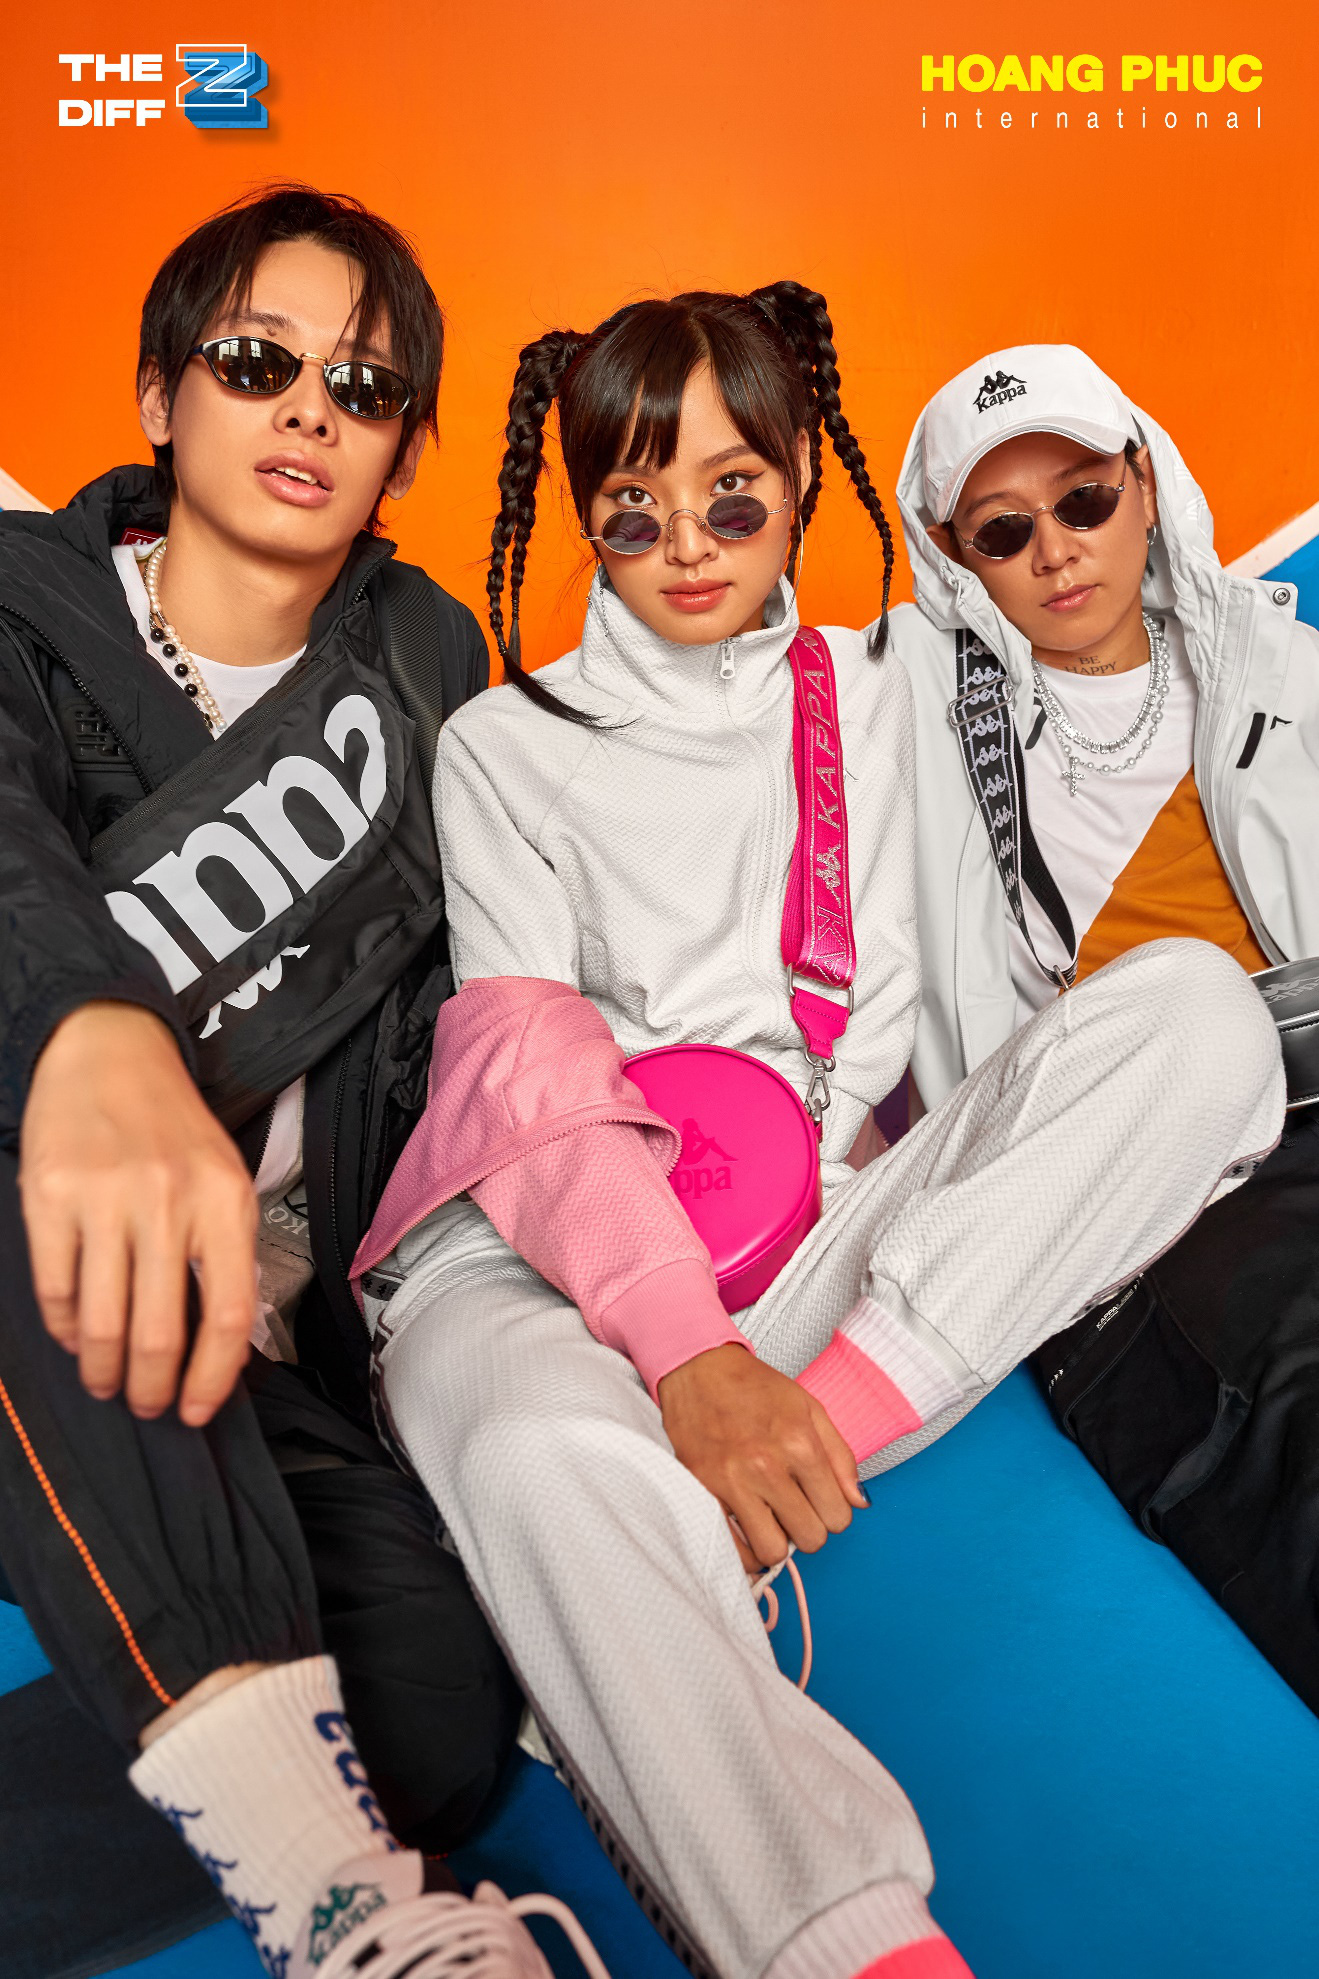 Tự tin và khác biệt cùng THE DIFF Z - Bộ ảnh thời trang Tết Tân Sửu 2021 từ HOANG PHUC International hợp tác cùng stylist của Binz - Ảnh 2.